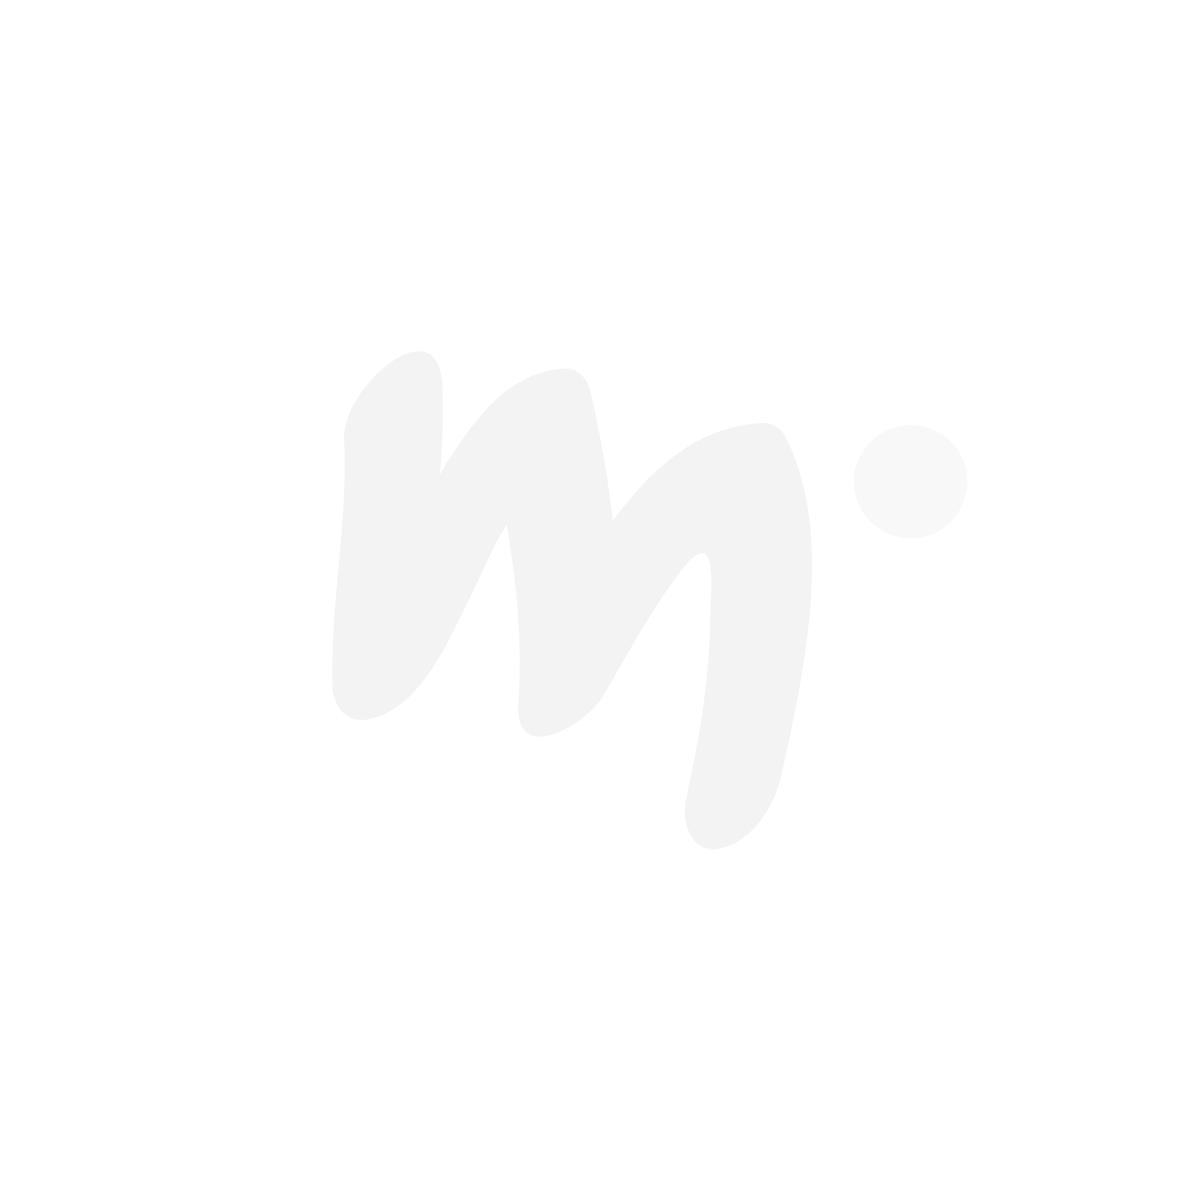 Muumi Kynänjälki-pipo vihreä